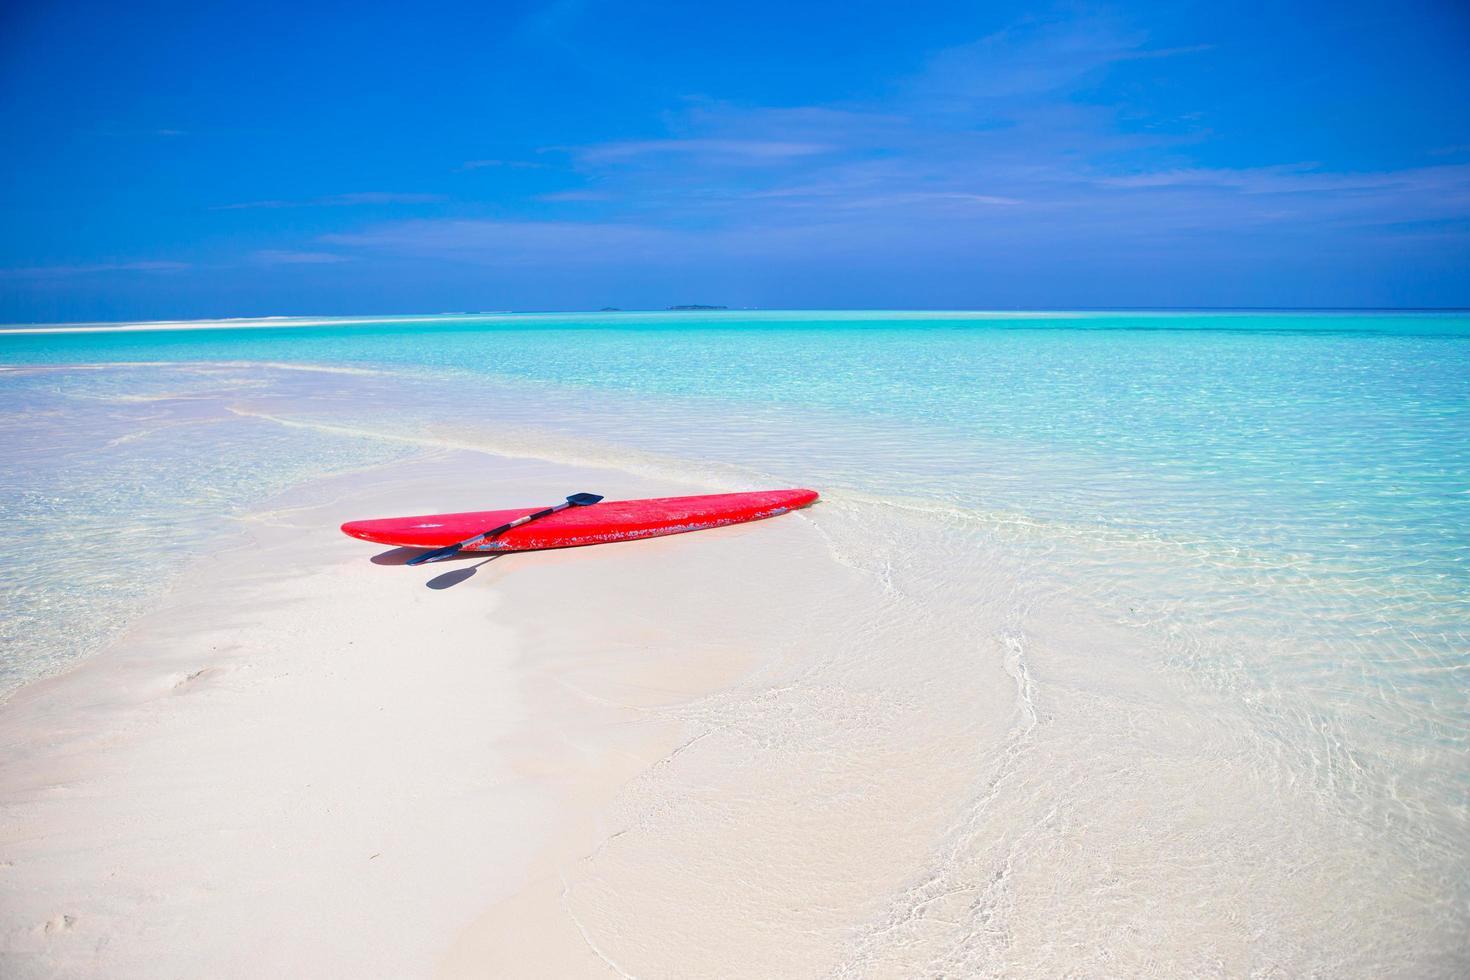 Surfbrett an einem tropischen Strand foto